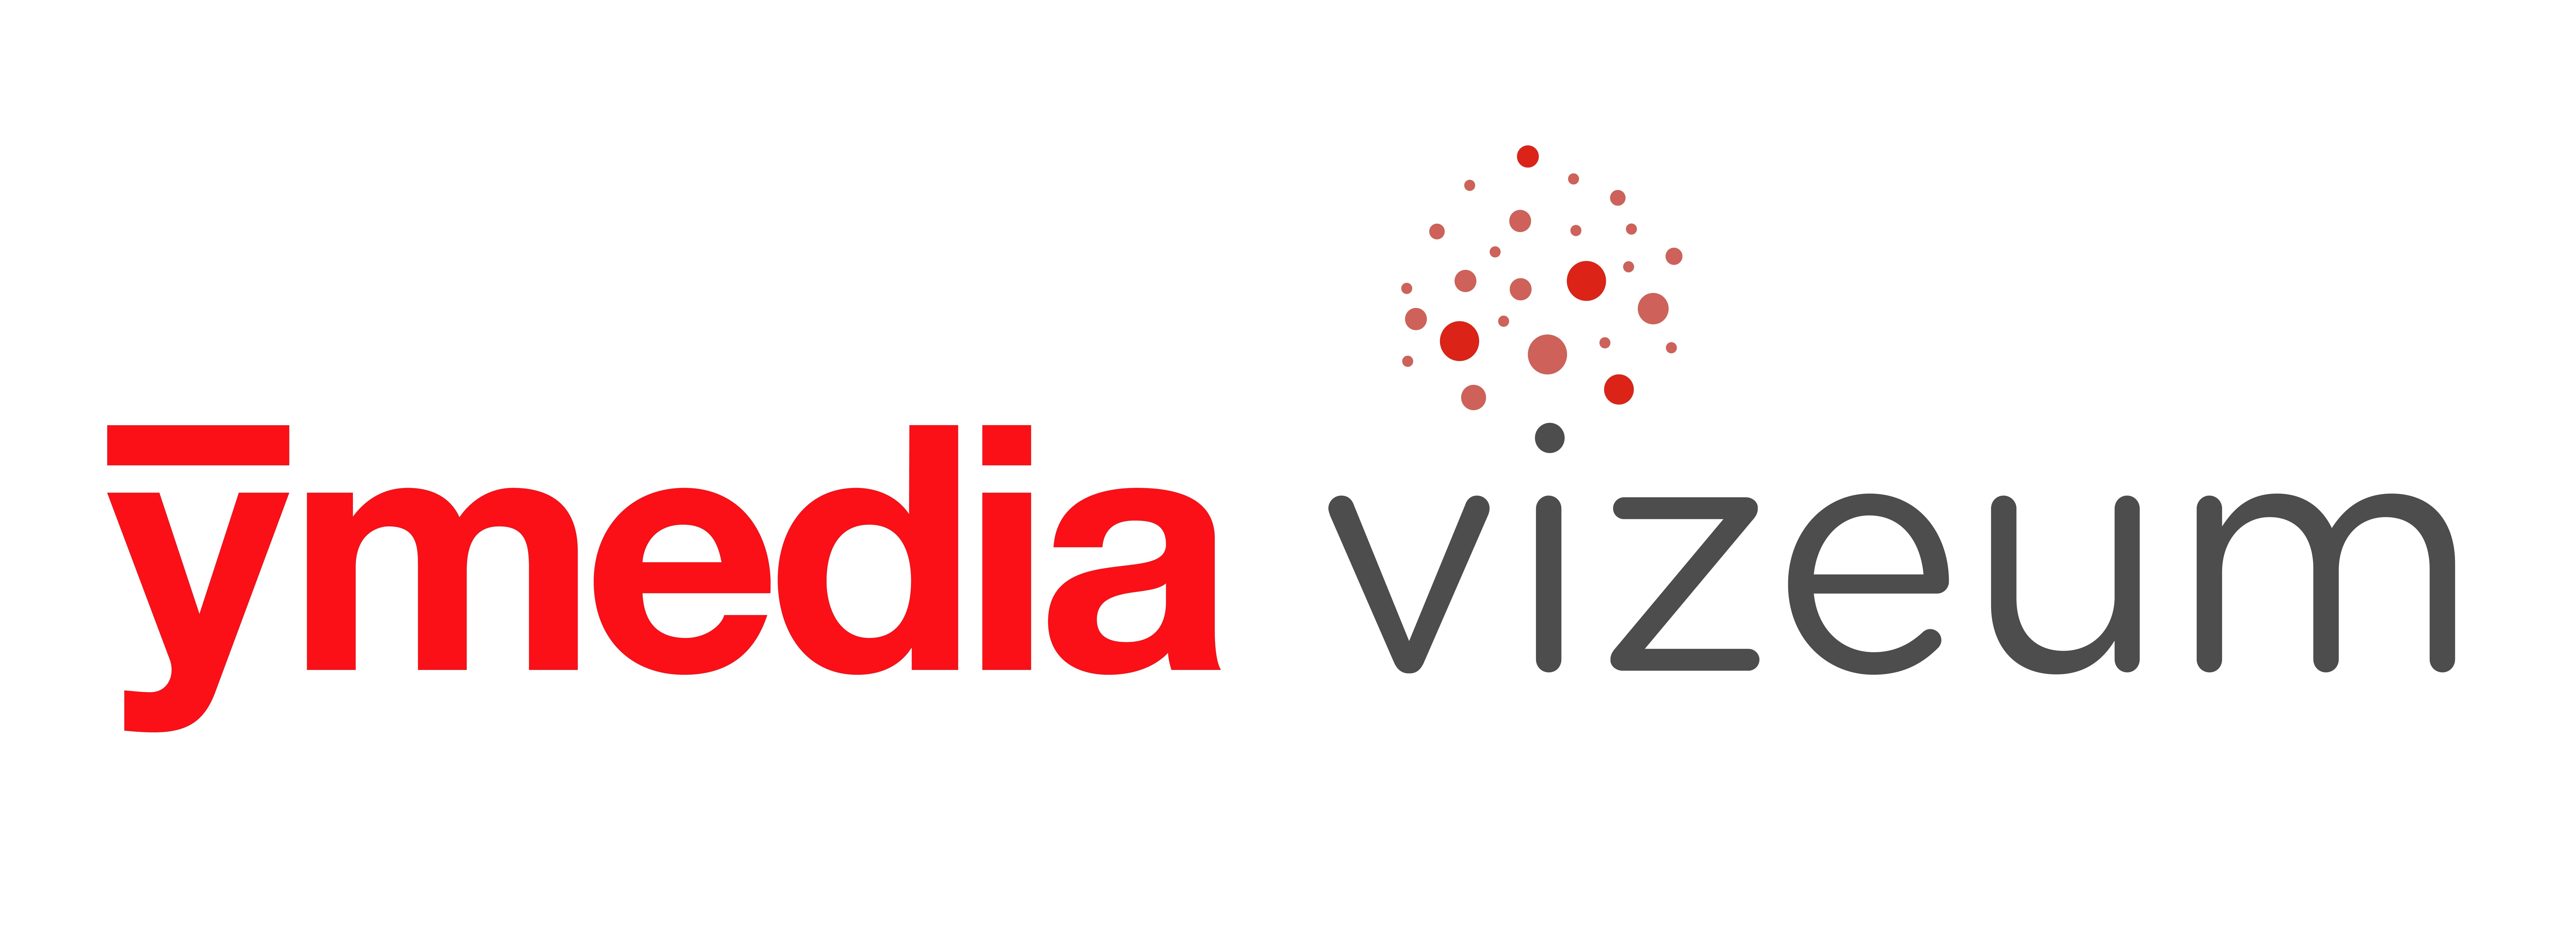 Ymedia-vizeum logo